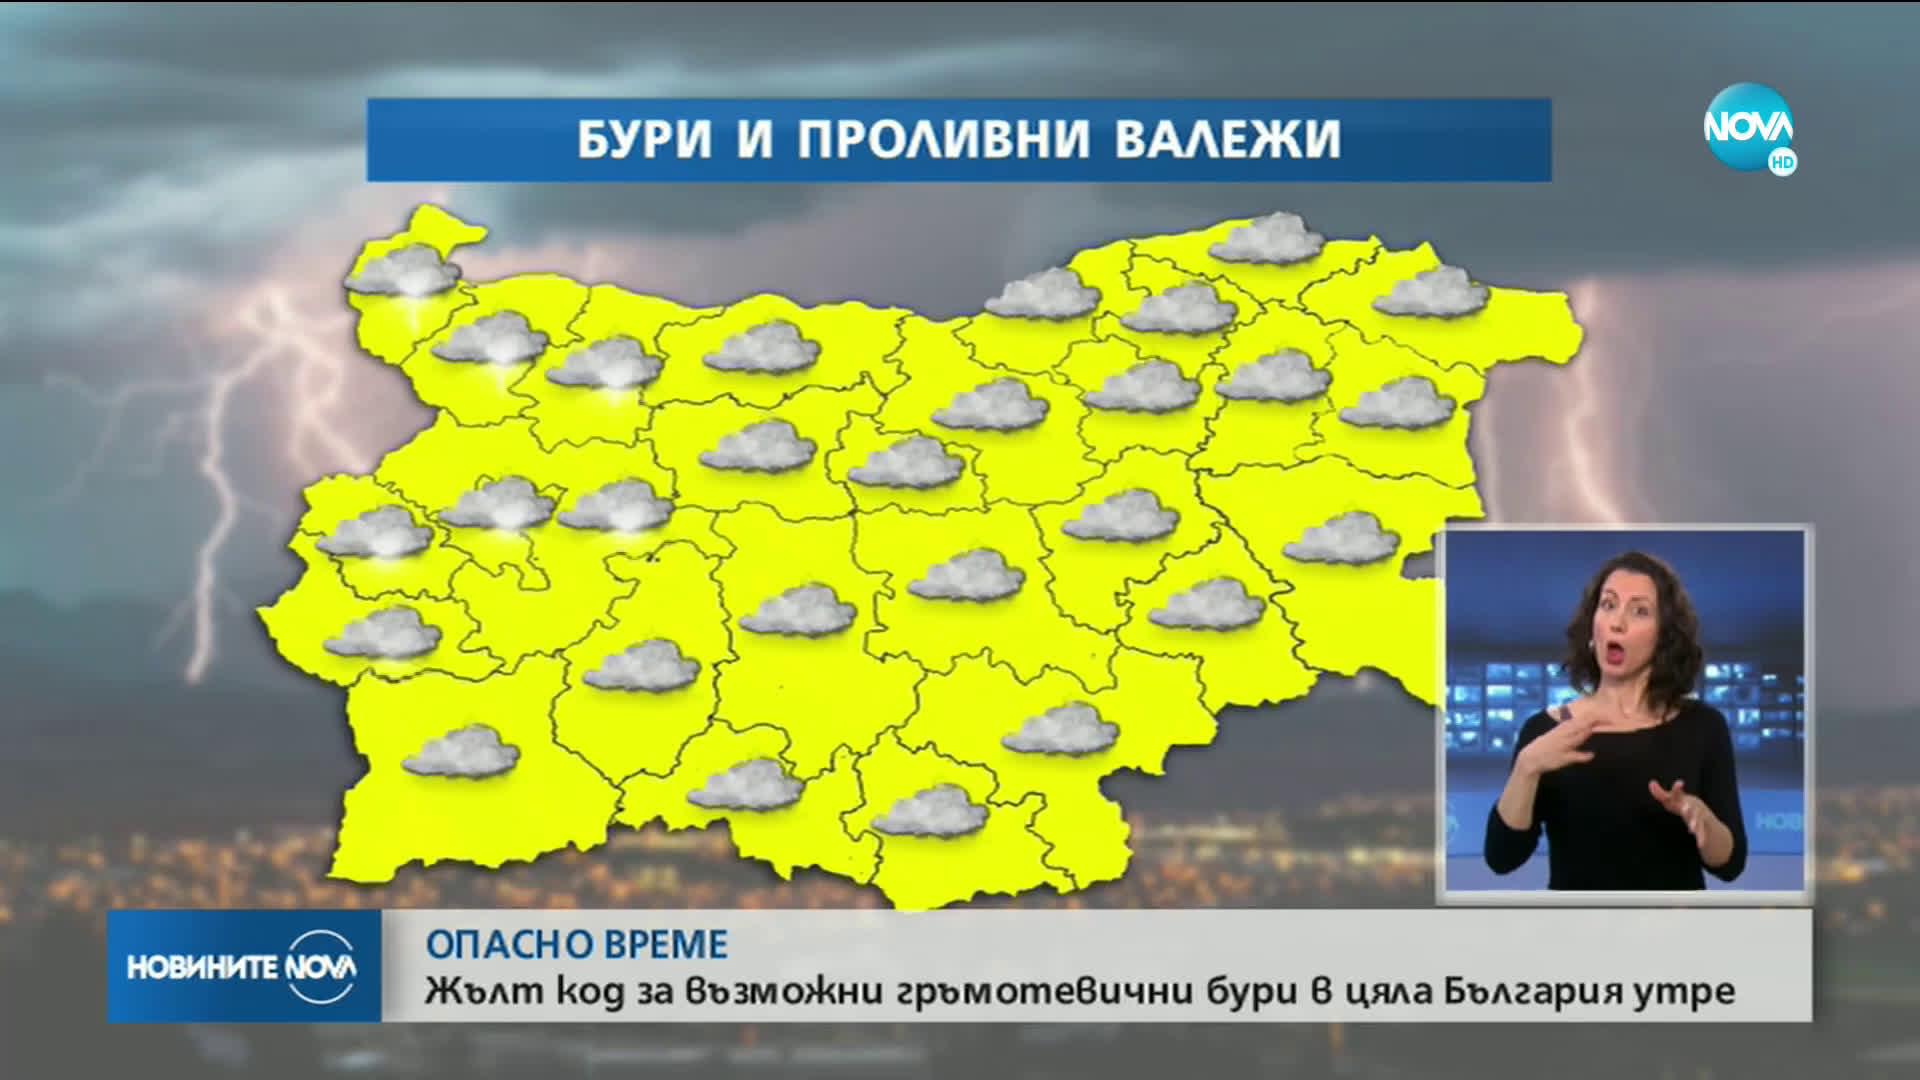 Валежи и опасно време утре, градушка падна в София